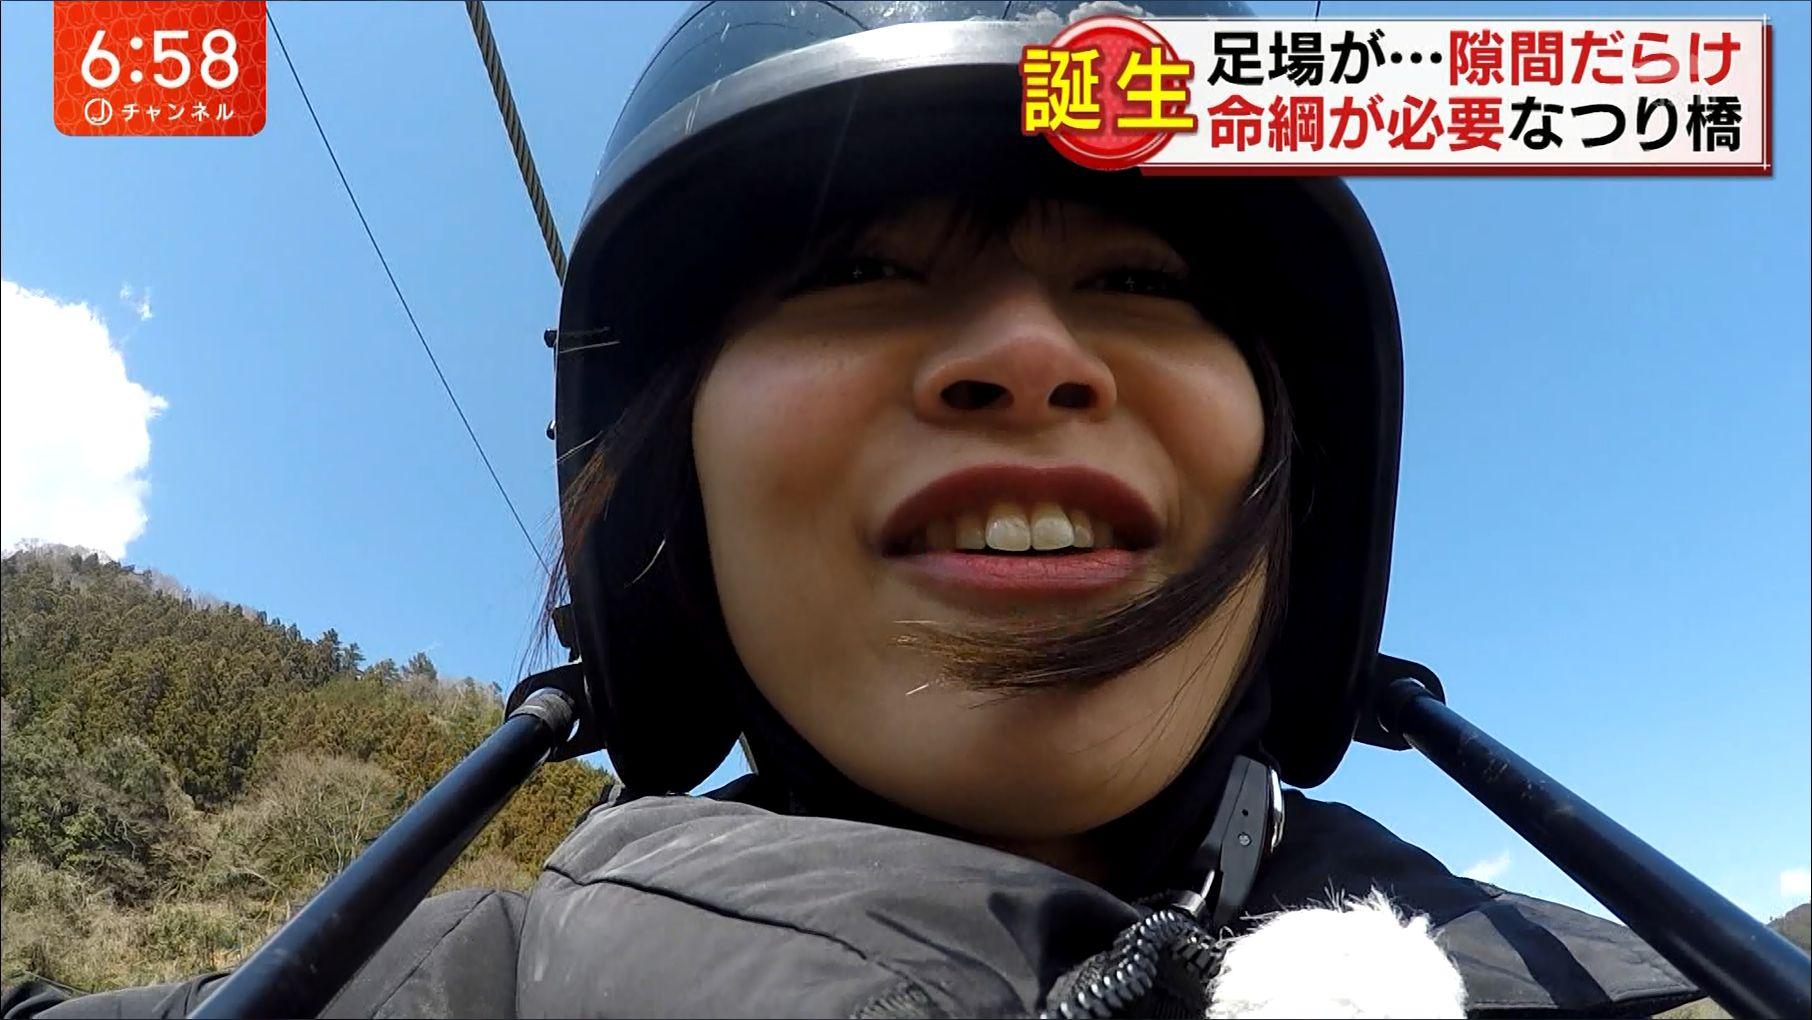 女性の顔ドアップ [無断転載禁止]©bbspink.comYouTube動画>6本 ->画像>945枚